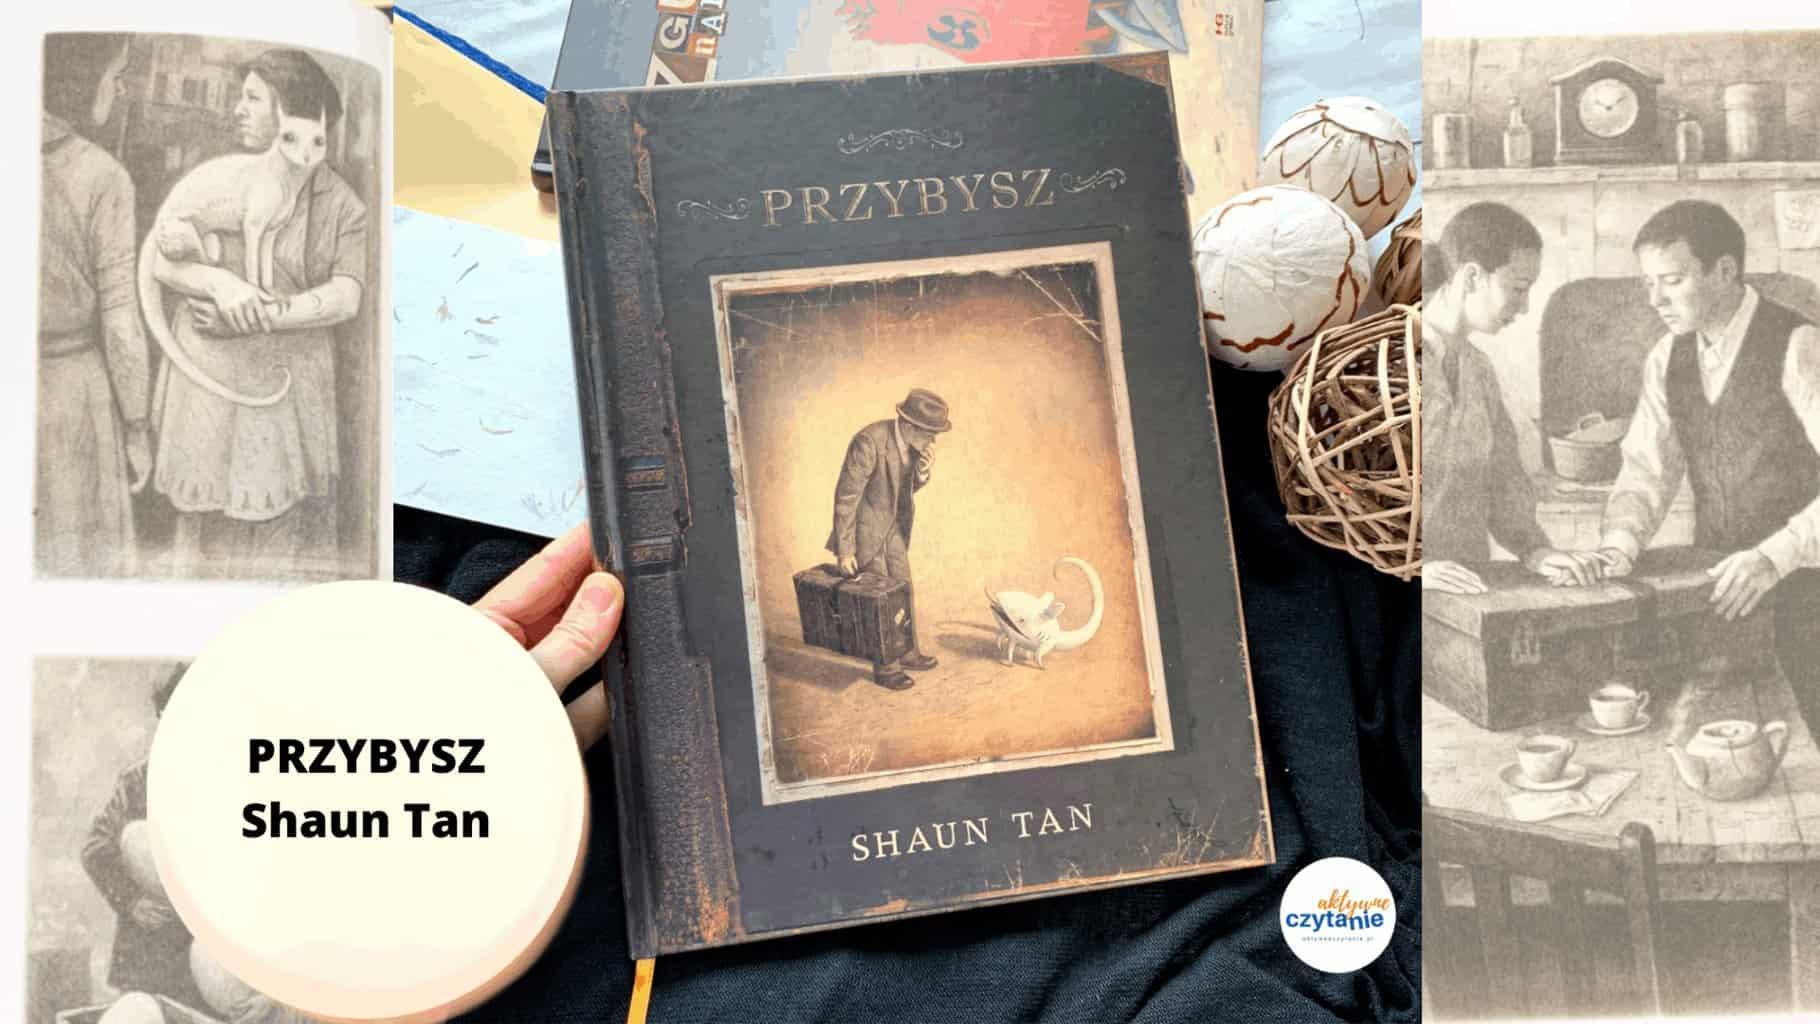 recenzja ksiazki przybysz shun tan